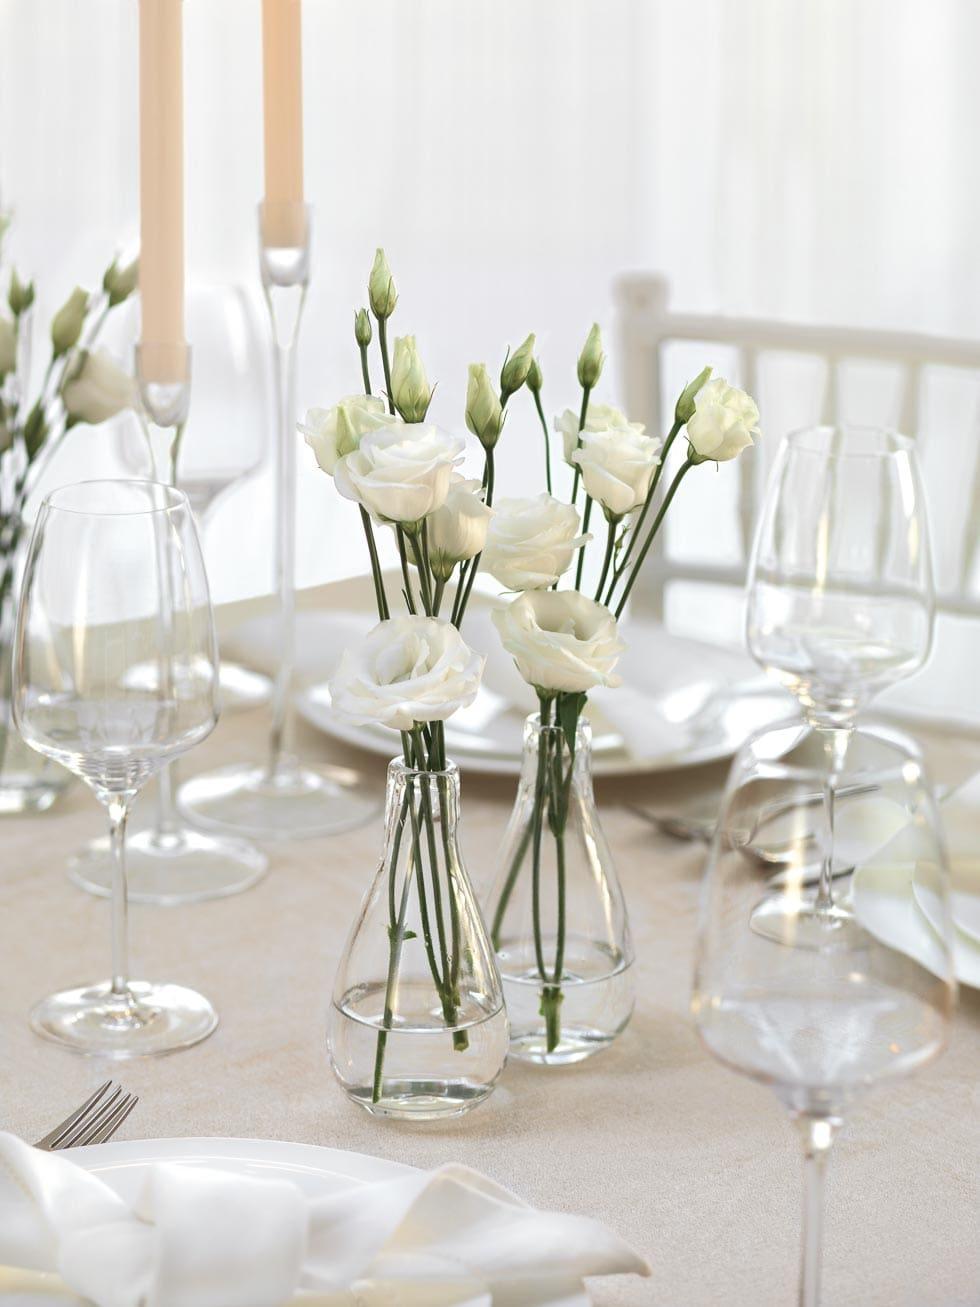 Tischdekoration mit Sukkulenten und kupferfarbenen Vasen